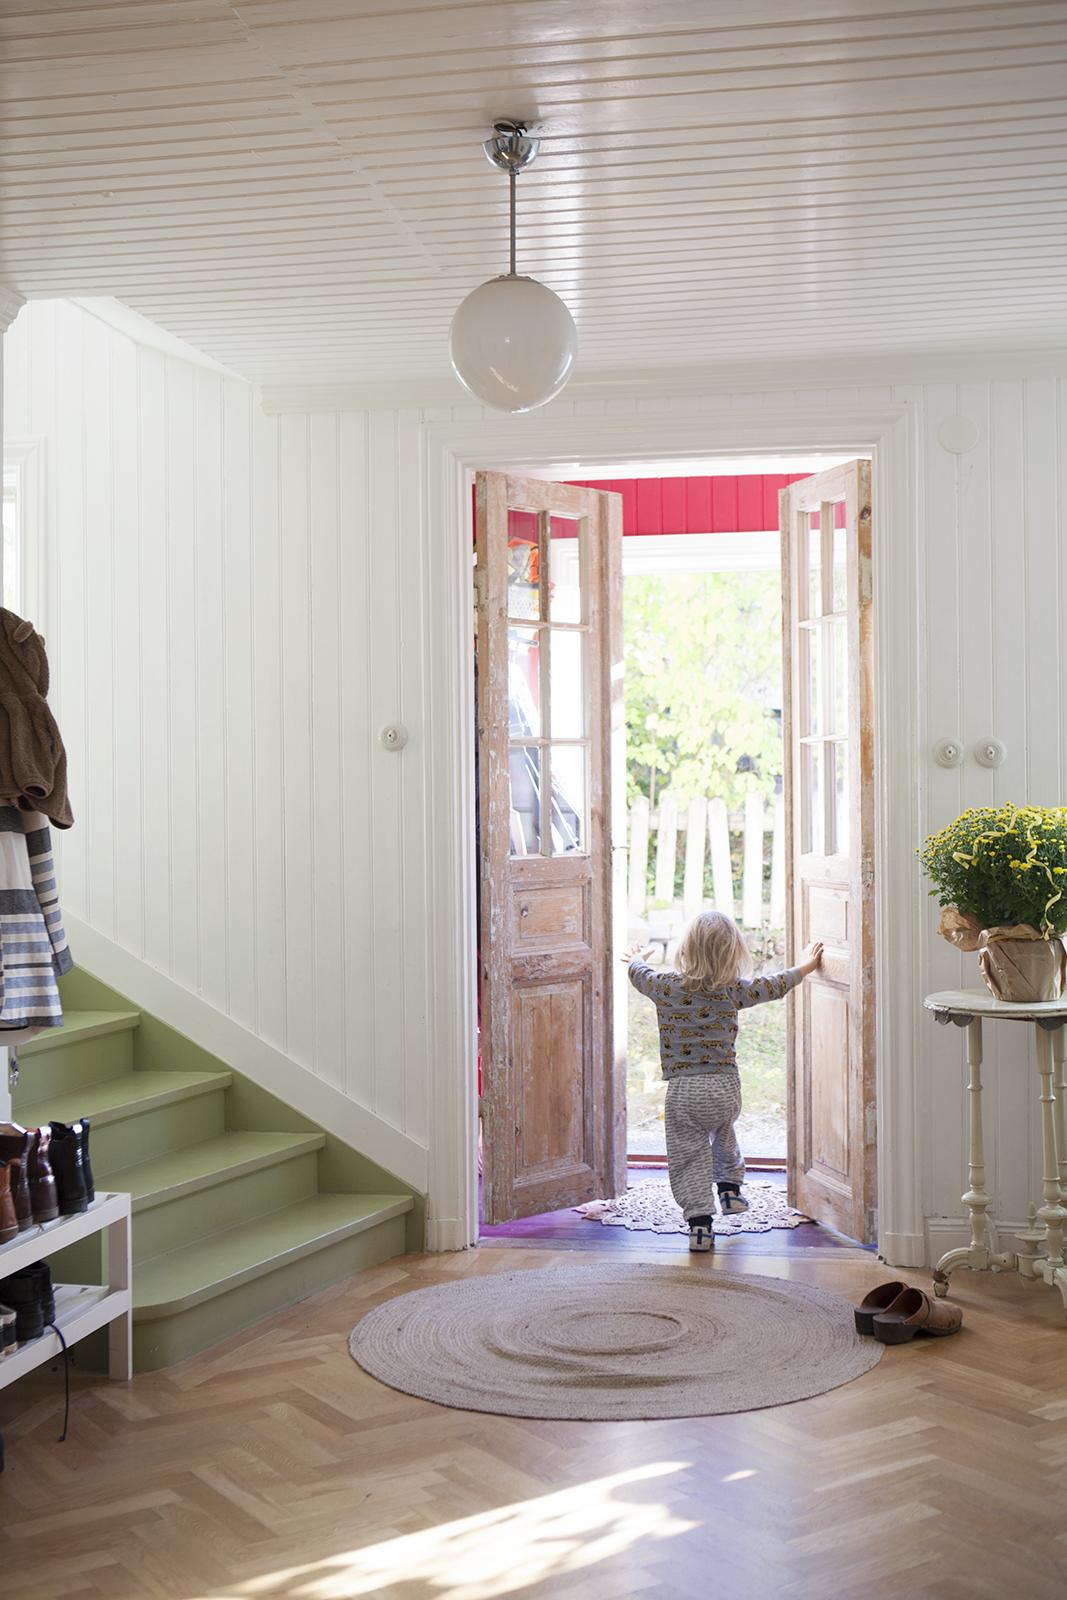 Amelies hus & trädgård, blogg om inredning, bakning, blommor ...